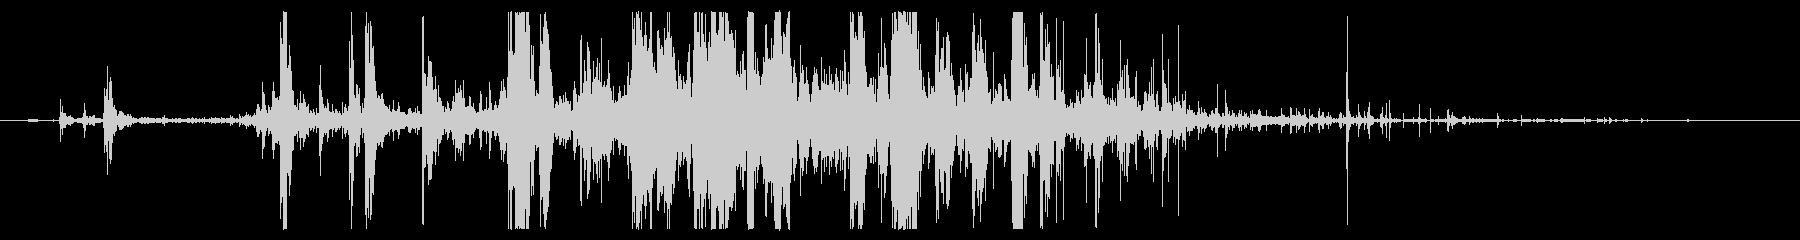 ミディアムロックスライドの未再生の波形